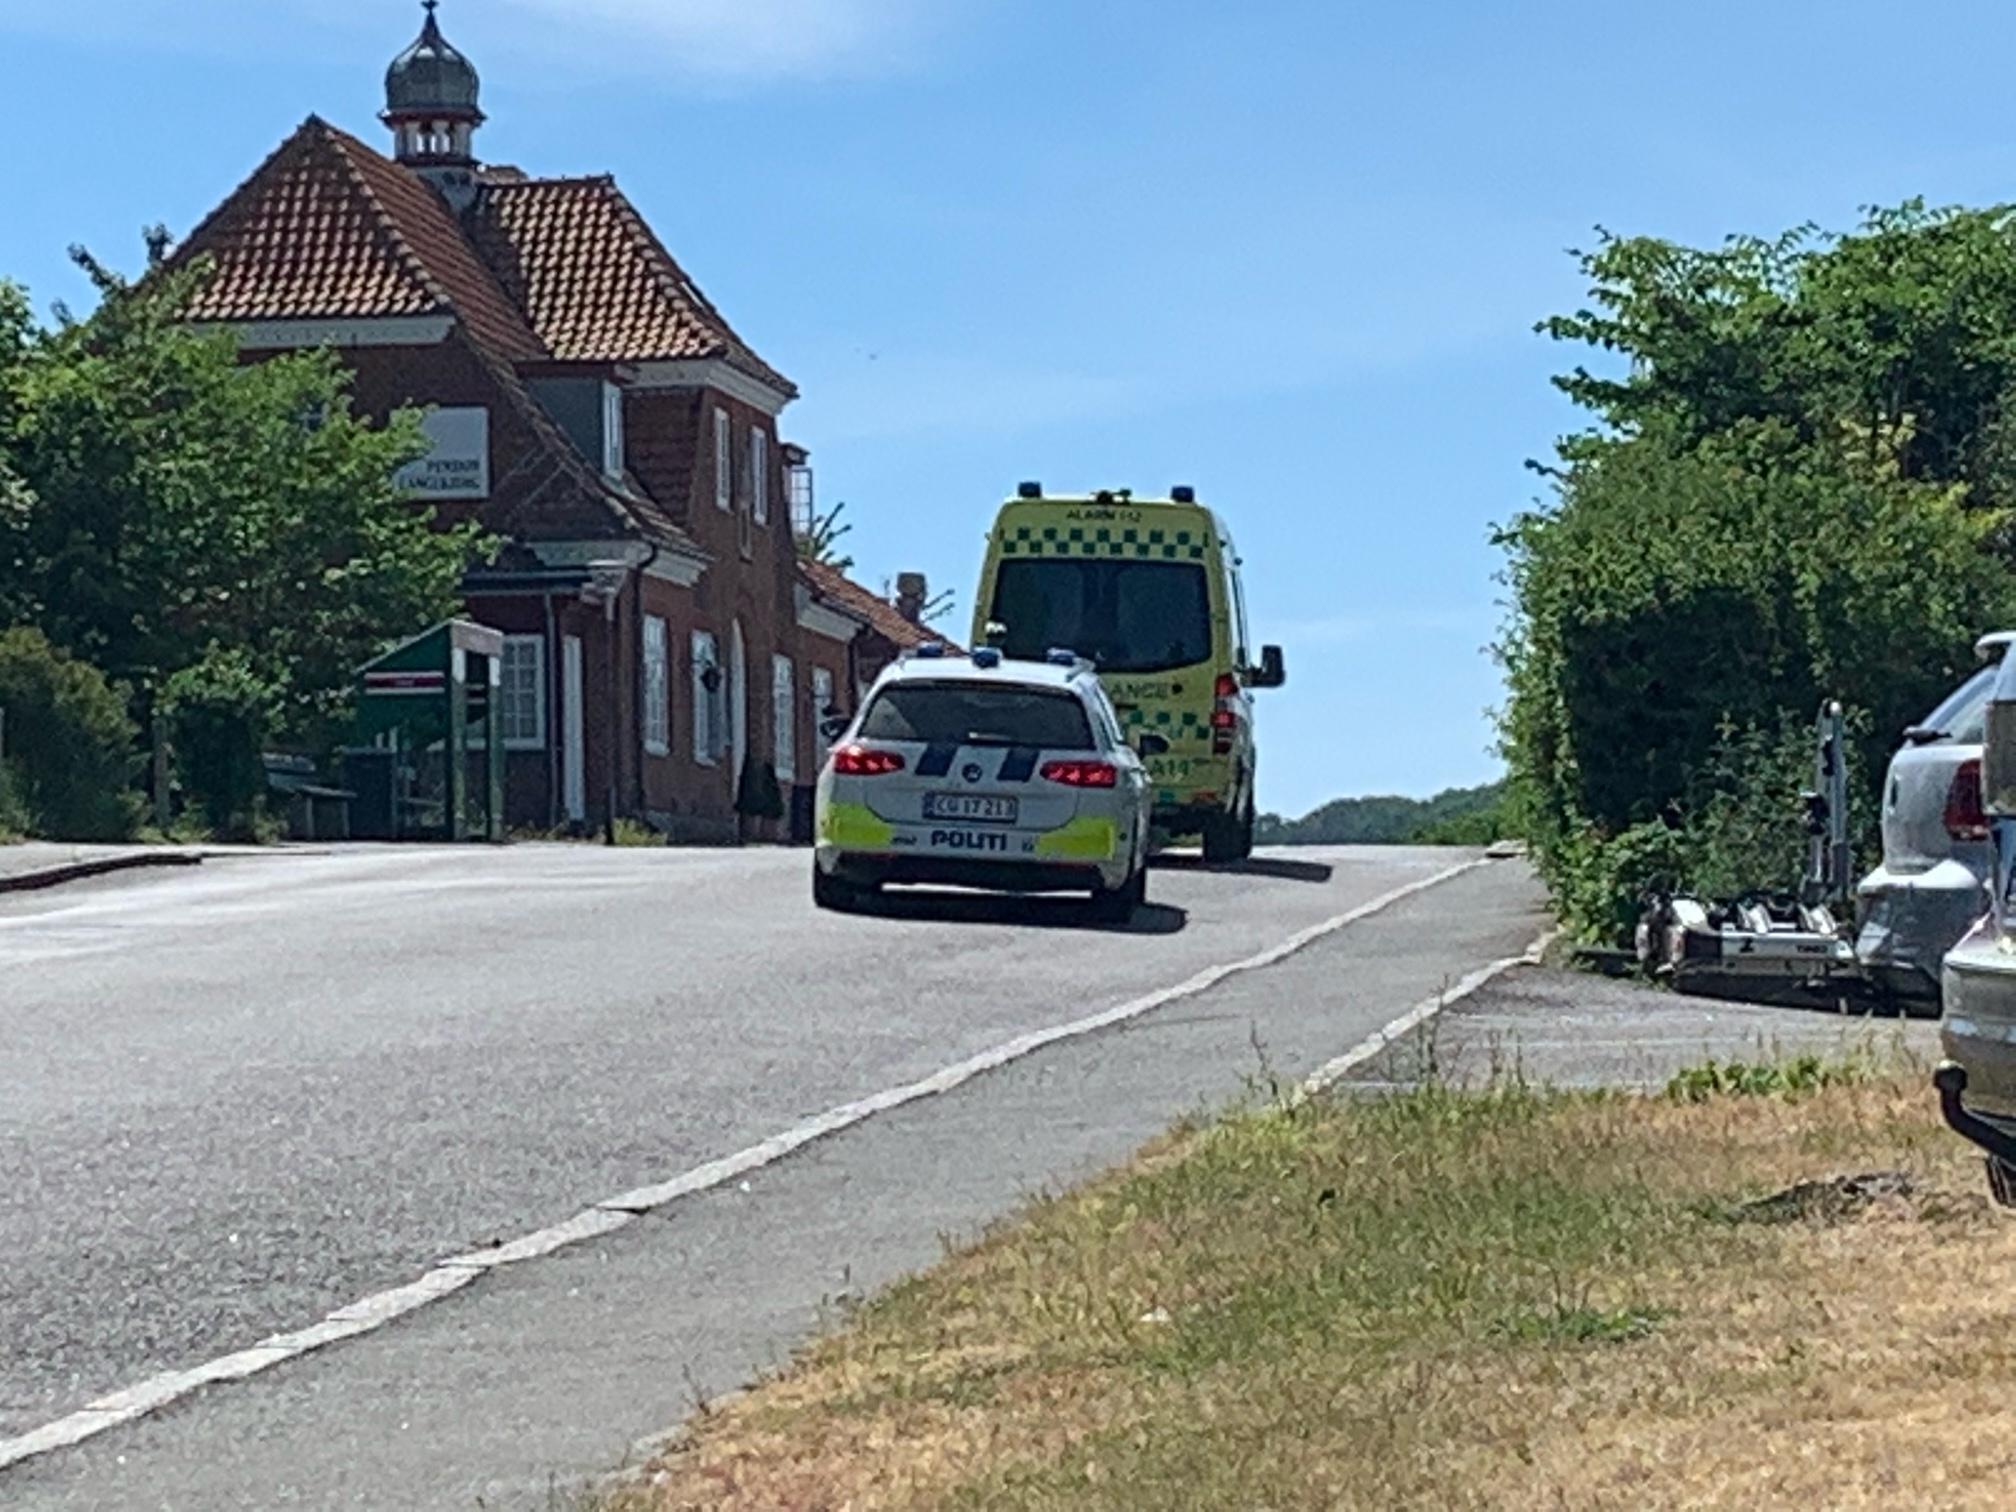 Ulykke i Allinge på Bornholm